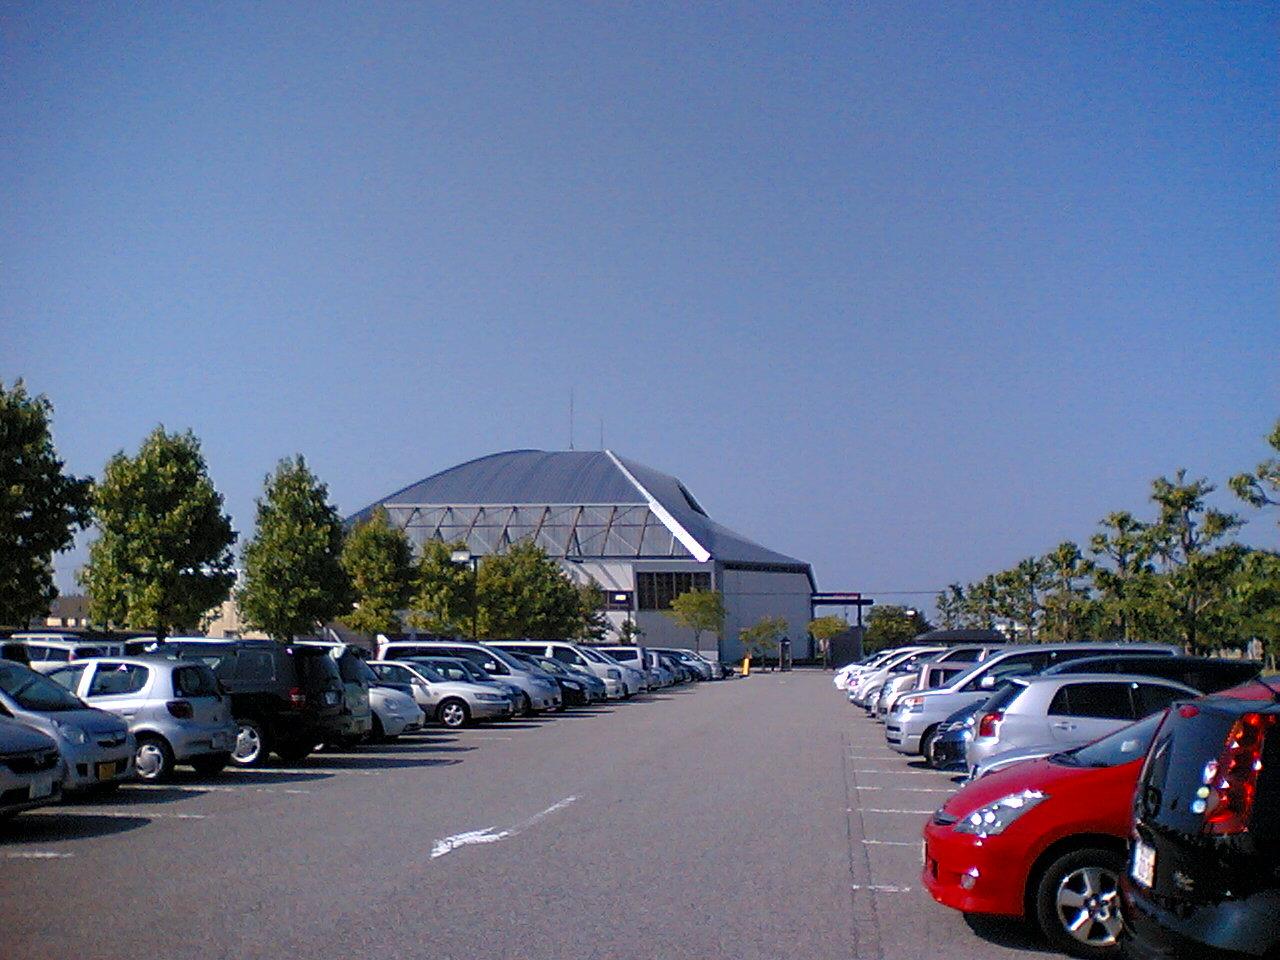 黒部市総合運動公園 : 富山うろうろ日記